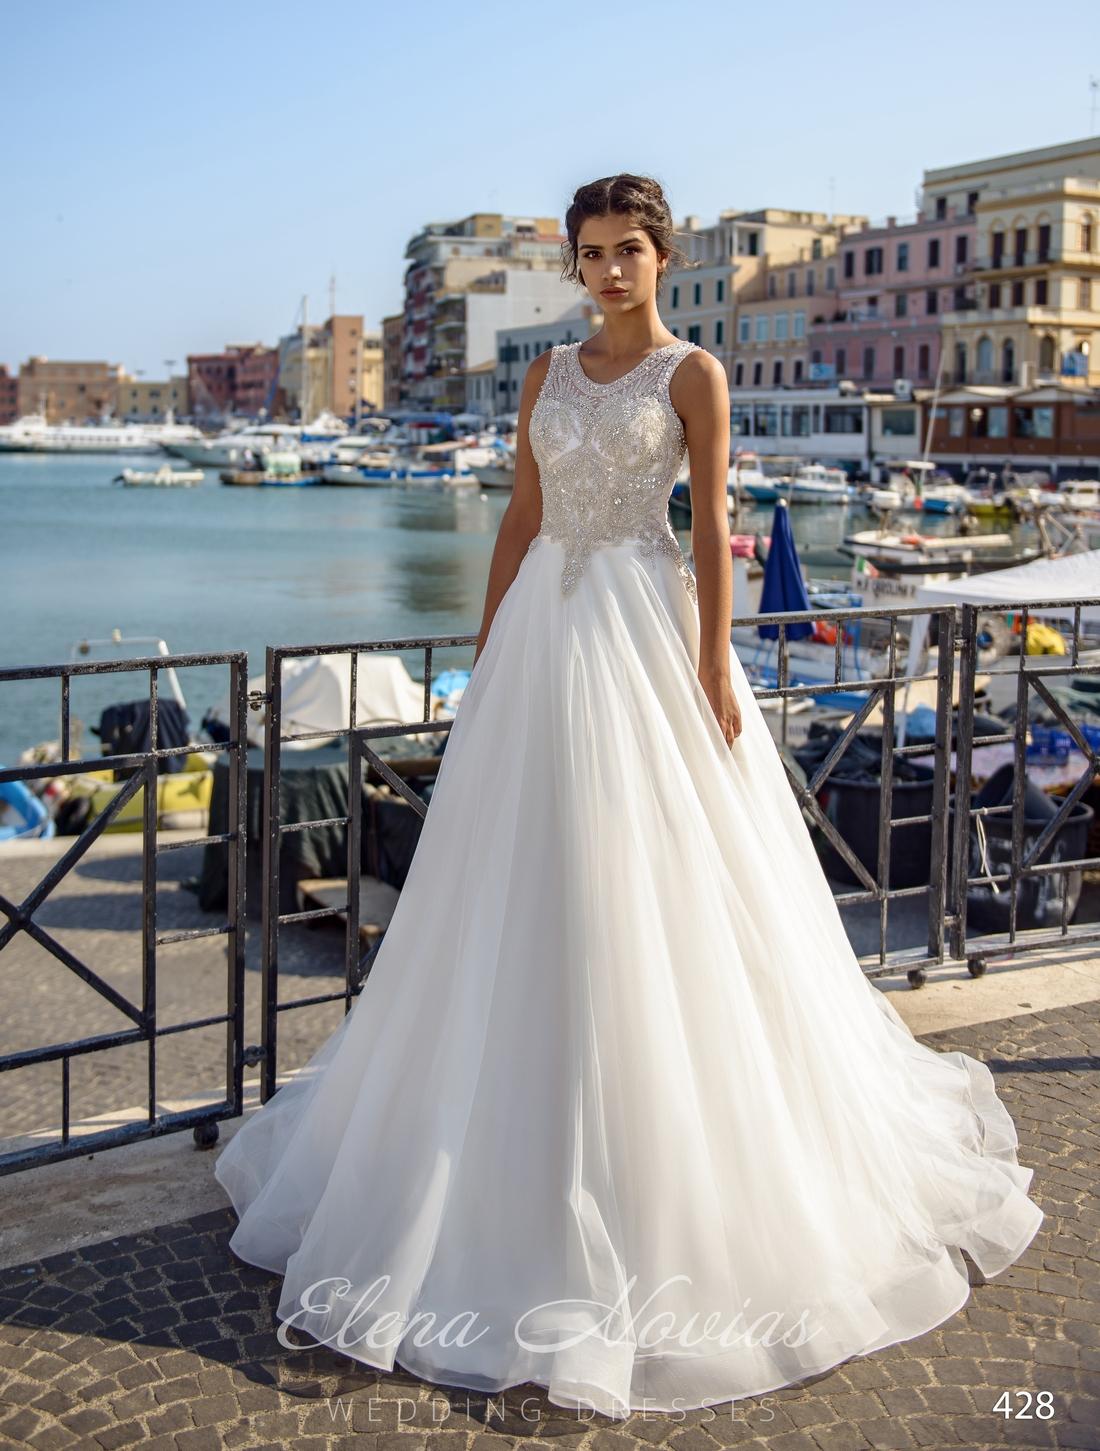 Пышное свадебное платье с расшитым корсетом оптом